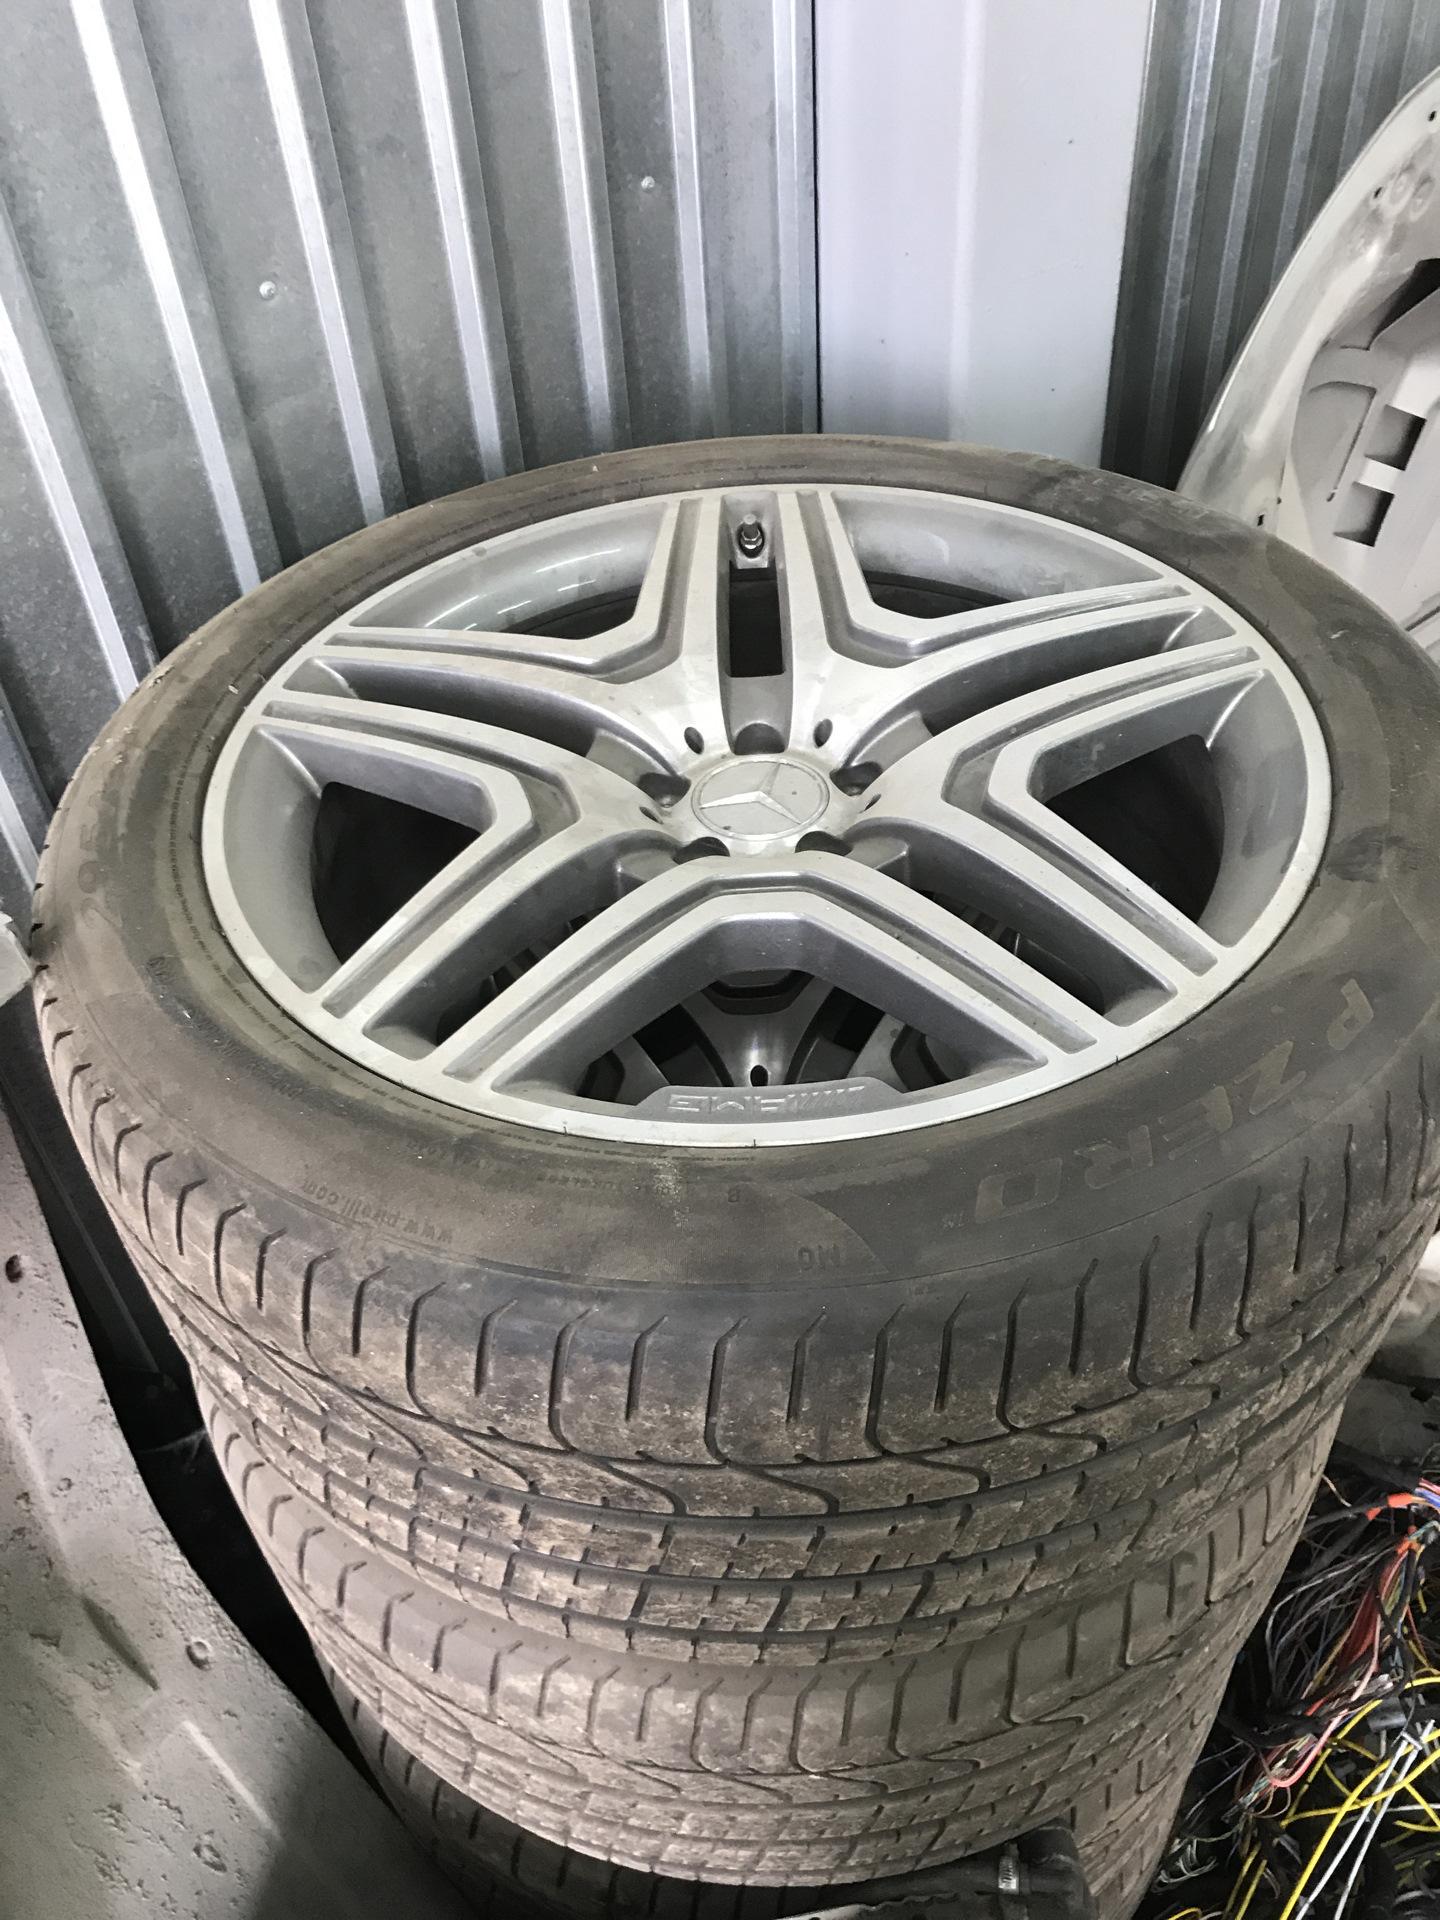 Разболтовка колесных дисков фольксваген т5 транспортер купить новый фольксваген транспортер в рязани